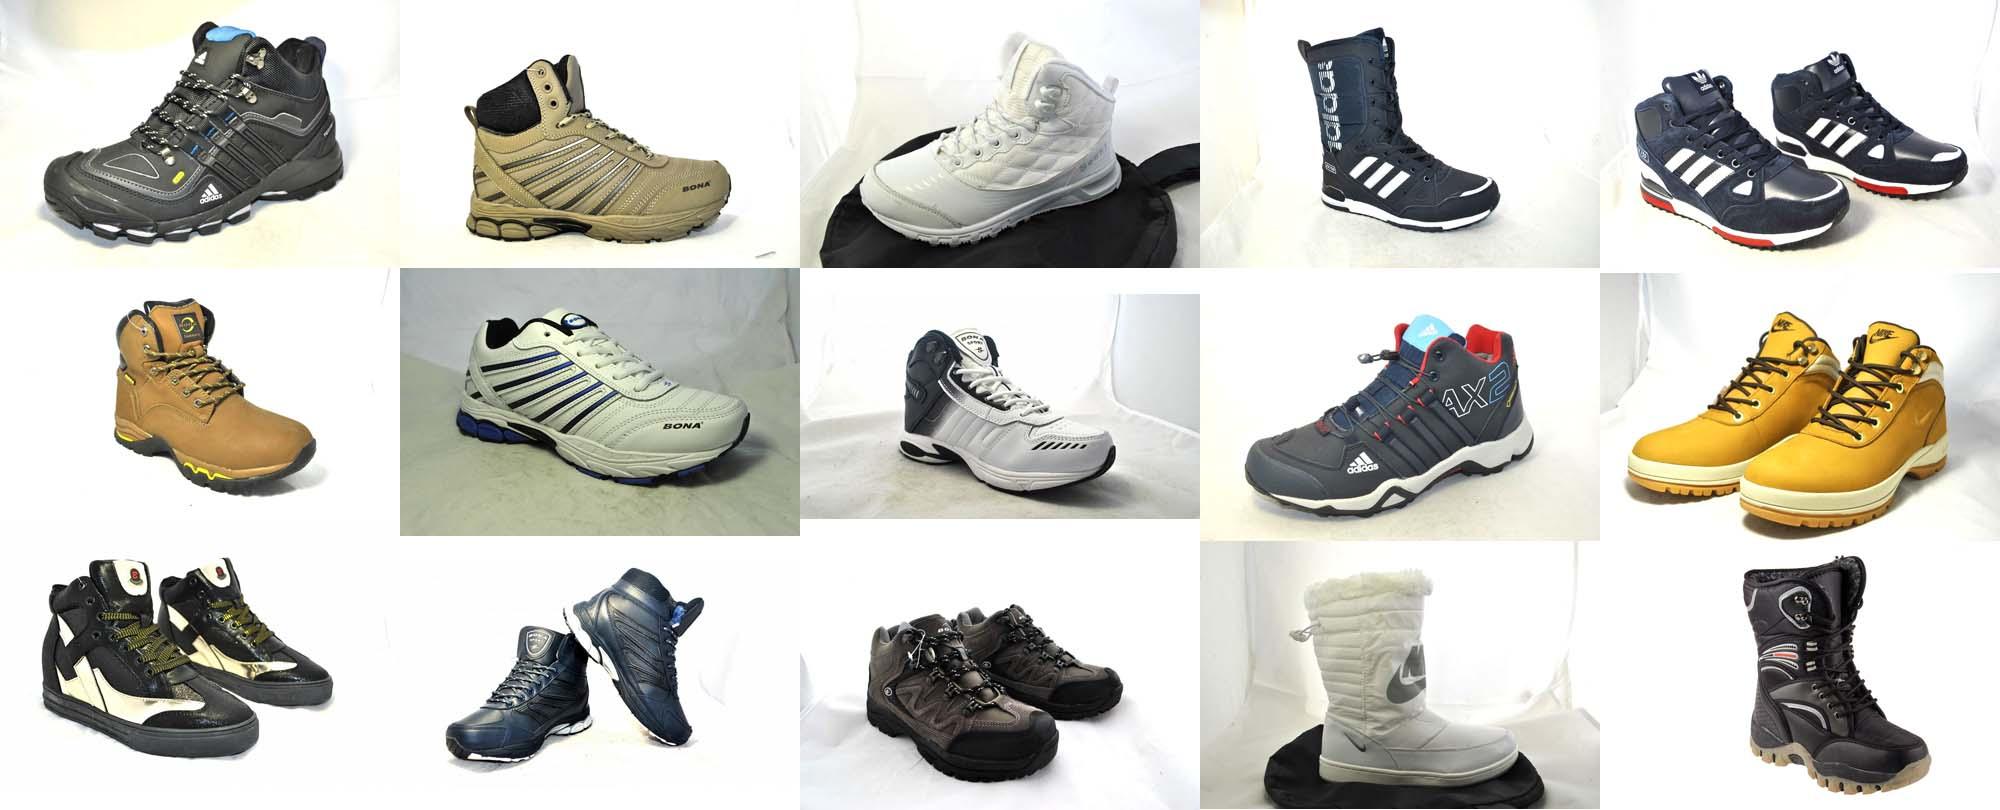 Сбор заказов. Спортивная обувь B*o*n*a - самый яркий пример крепкой и модной обуви. Европейский дизайн по низким ценам. Зима от 450 рублей. До 51 размера. Выкуп 26